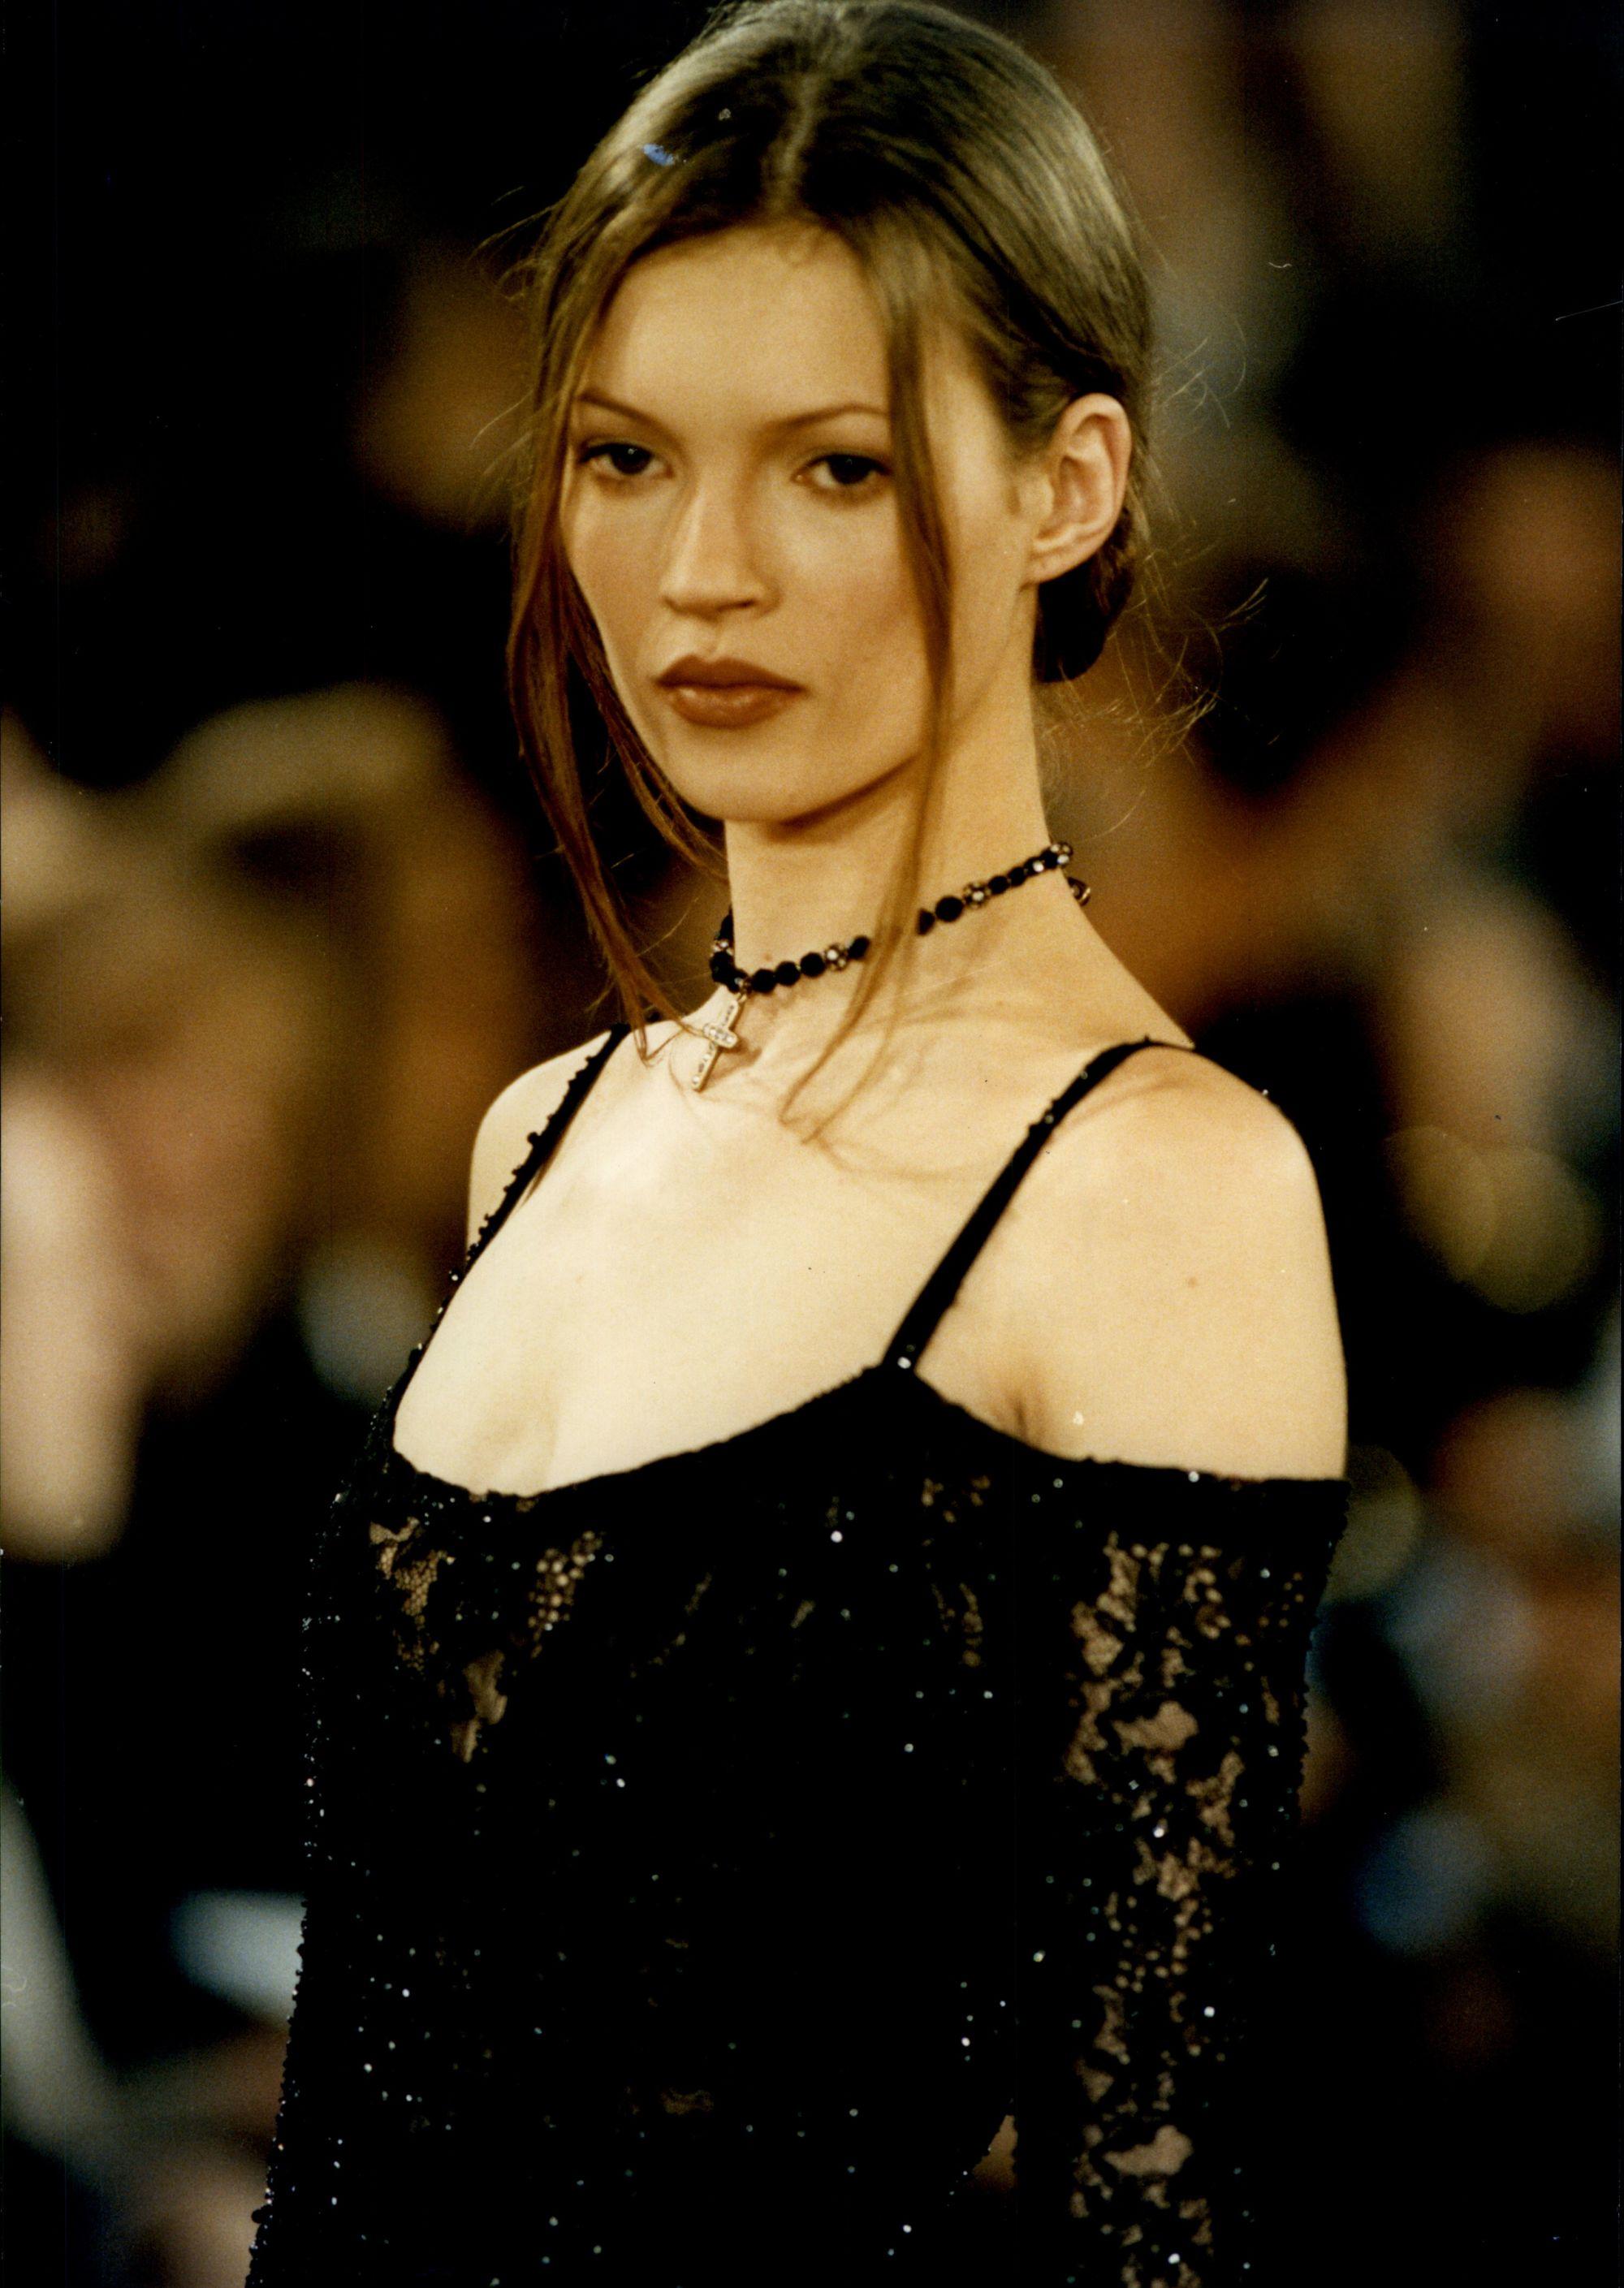 Kate Moss dans les années 90 avec un petit pain bas et élégant